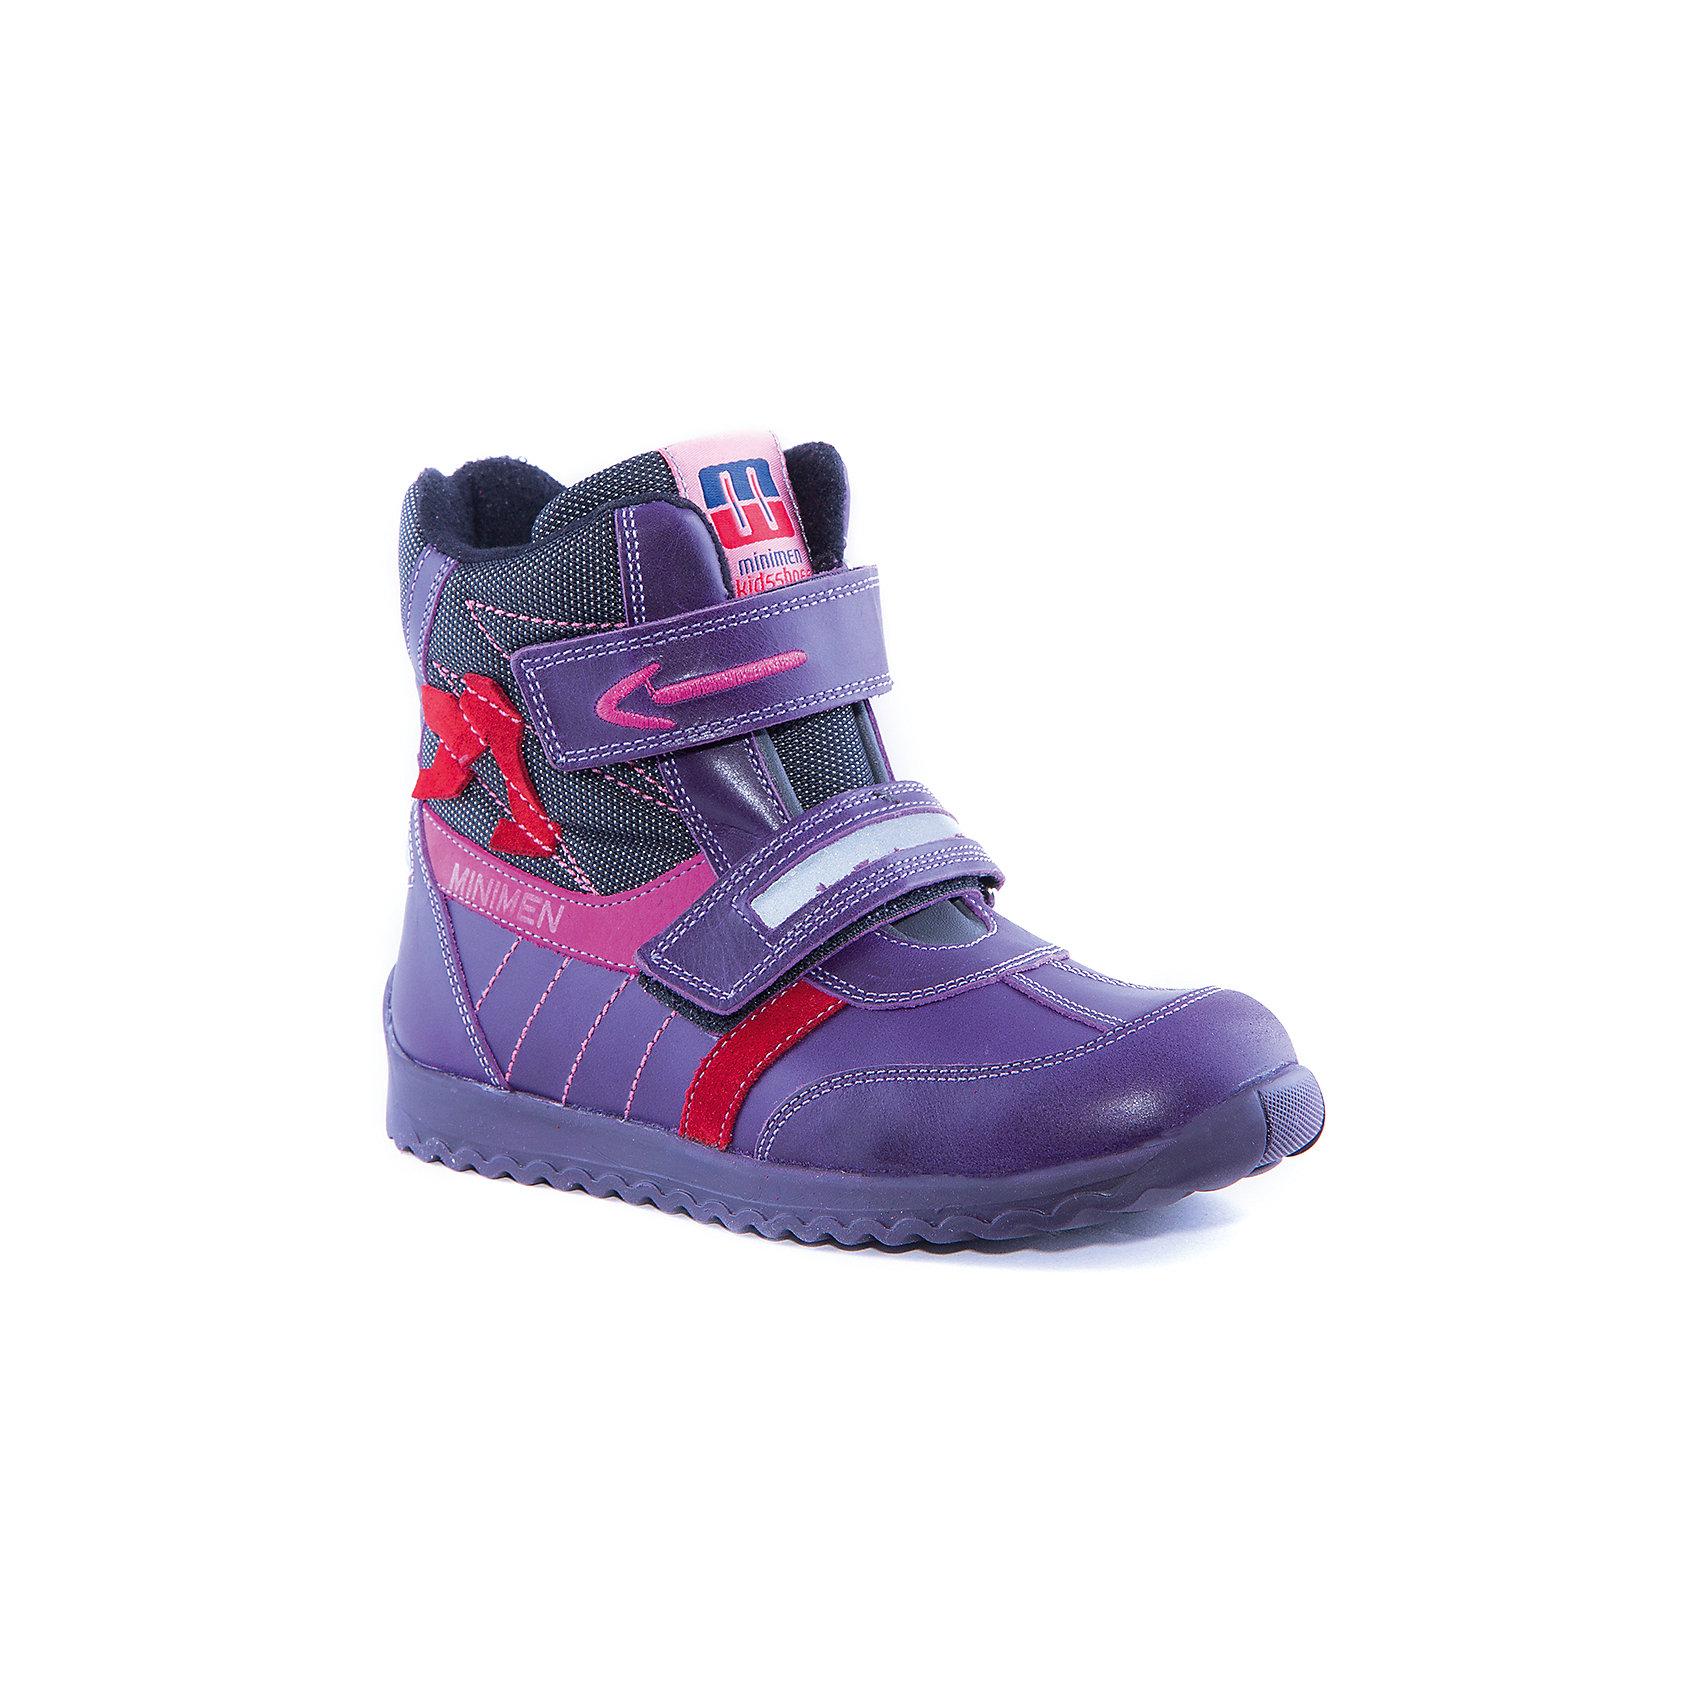 Ботинки для девочки MinimenБотинки<br>Полусапоги для девочки от известного бренда Minimen<br><br>Модные утепленные полусапоги Minimen созданы для ношения в межсезонье и начинающиеся холода. Их форма тщательно проработана, поэтому детским ножкам в такой обуви тепло и комфортно. Качественные материалы позволяют сделать изделия износостойкими и удобными.<br><br>Отличительные особенности модели:<br><br>- цвет: сиреневый;<br>- гибкая нескользящая подошва;<br>- усиленный носок и задник;<br>- эргономичная форма;<br>- удобная колодка;<br>- яркие элементы;<br>- флисовая подкладка;<br>- натуральная кожа;<br>- застежки-липучки.<br><br>Дополнительная информация:<br><br>- Температурный режим: от - 15° С  до +10° С.<br><br>- Состав:<br><br>материал верха: 100% натуральная кожа<br>материал подкладки: текстиль<br>подошва: ТЭП<br><br>Полусапоги для девочки Minimen (Минимен) можно купить в нашем магазине.<br><br>Ширина мм: 257<br>Глубина мм: 180<br>Высота мм: 130<br>Вес г: 420<br>Цвет: фиолетовый<br>Возраст от месяцев: 24<br>Возраст до месяцев: 36<br>Пол: Женский<br>Возраст: Детский<br>Размер: 30,28,29,25,27,31,32,33,36,35,34,26<br>SKU: 4295695